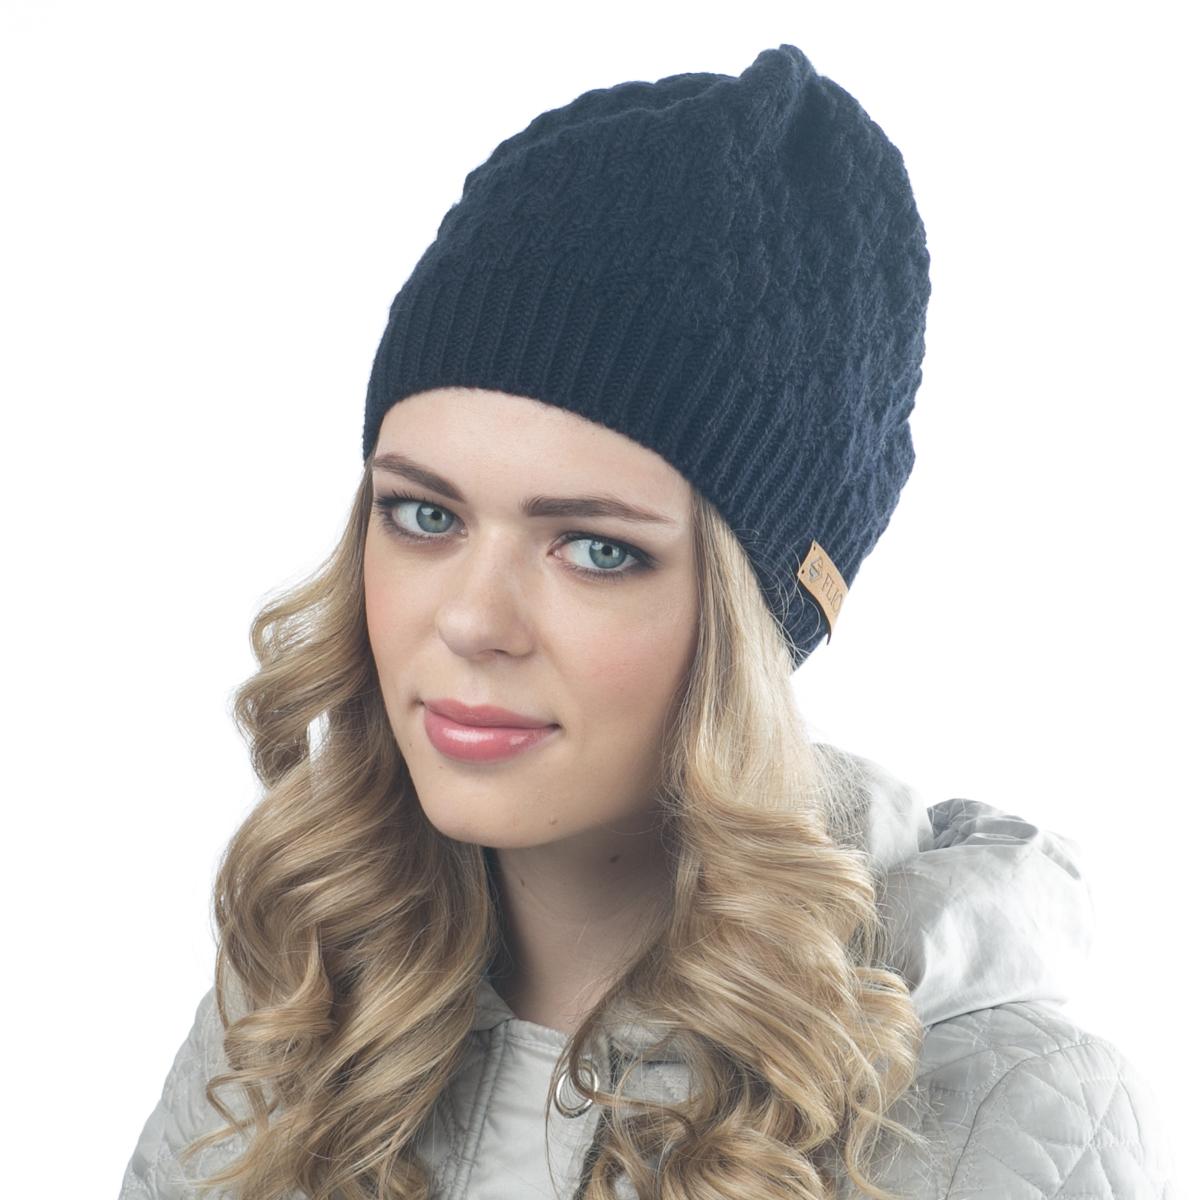 Шапка женская Flioraj, цвет: темно-синий. 01FJ. Размер 56/5801FJТеплая шапка от Flioraj, связанная из овечьей шерсти и шерсти горной альпаки, отлично согреет в холодную погоду. Состав пряжи делает изделие мягким, теплым и комфортным. Модель выполнена крупной рельефной вязкой и украшена нашивкой из натуральной кожи.